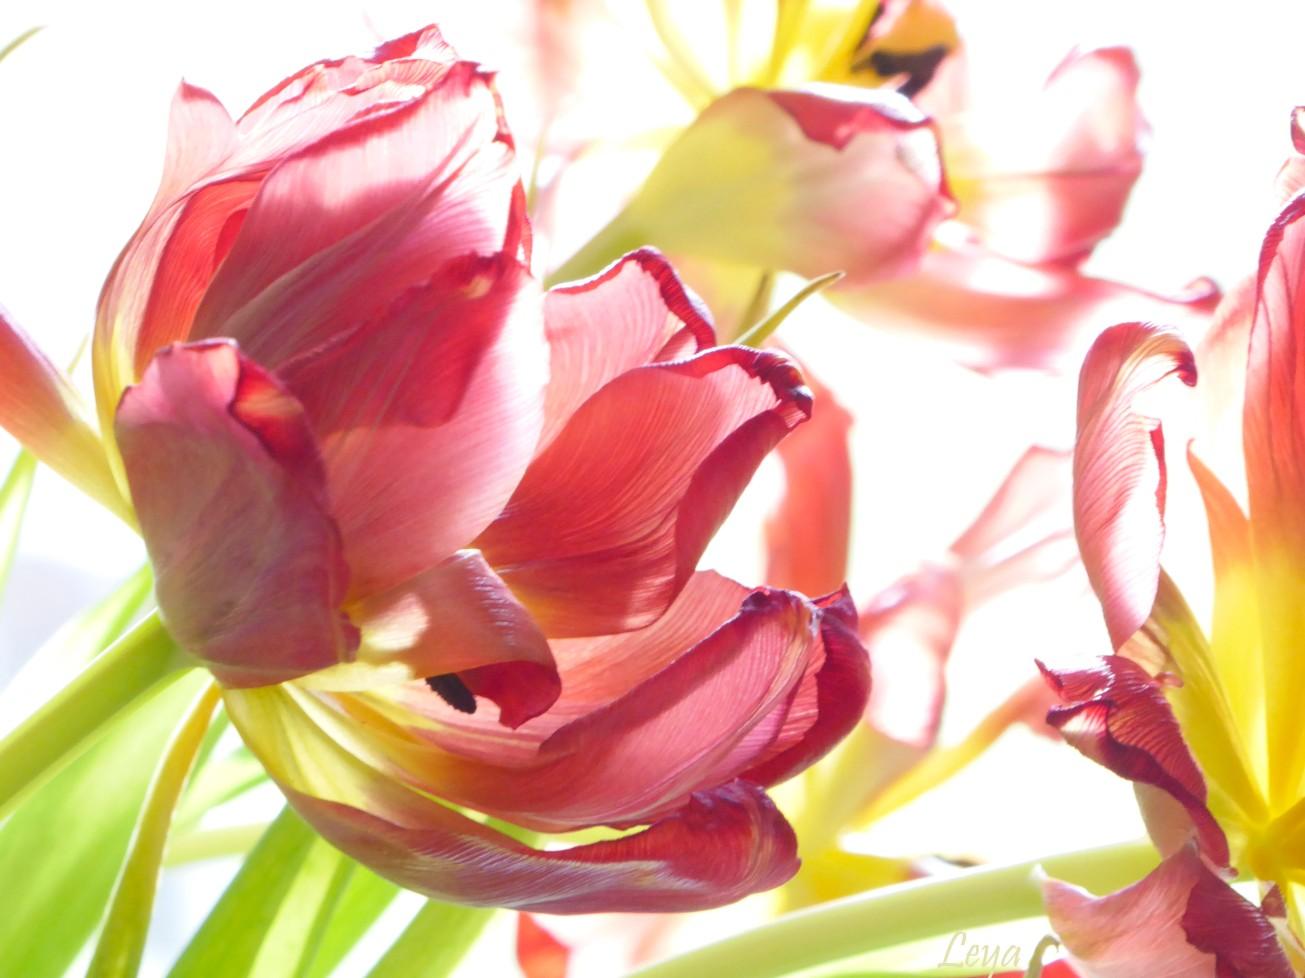 Högdagerbilder på husets blomning 223_copy